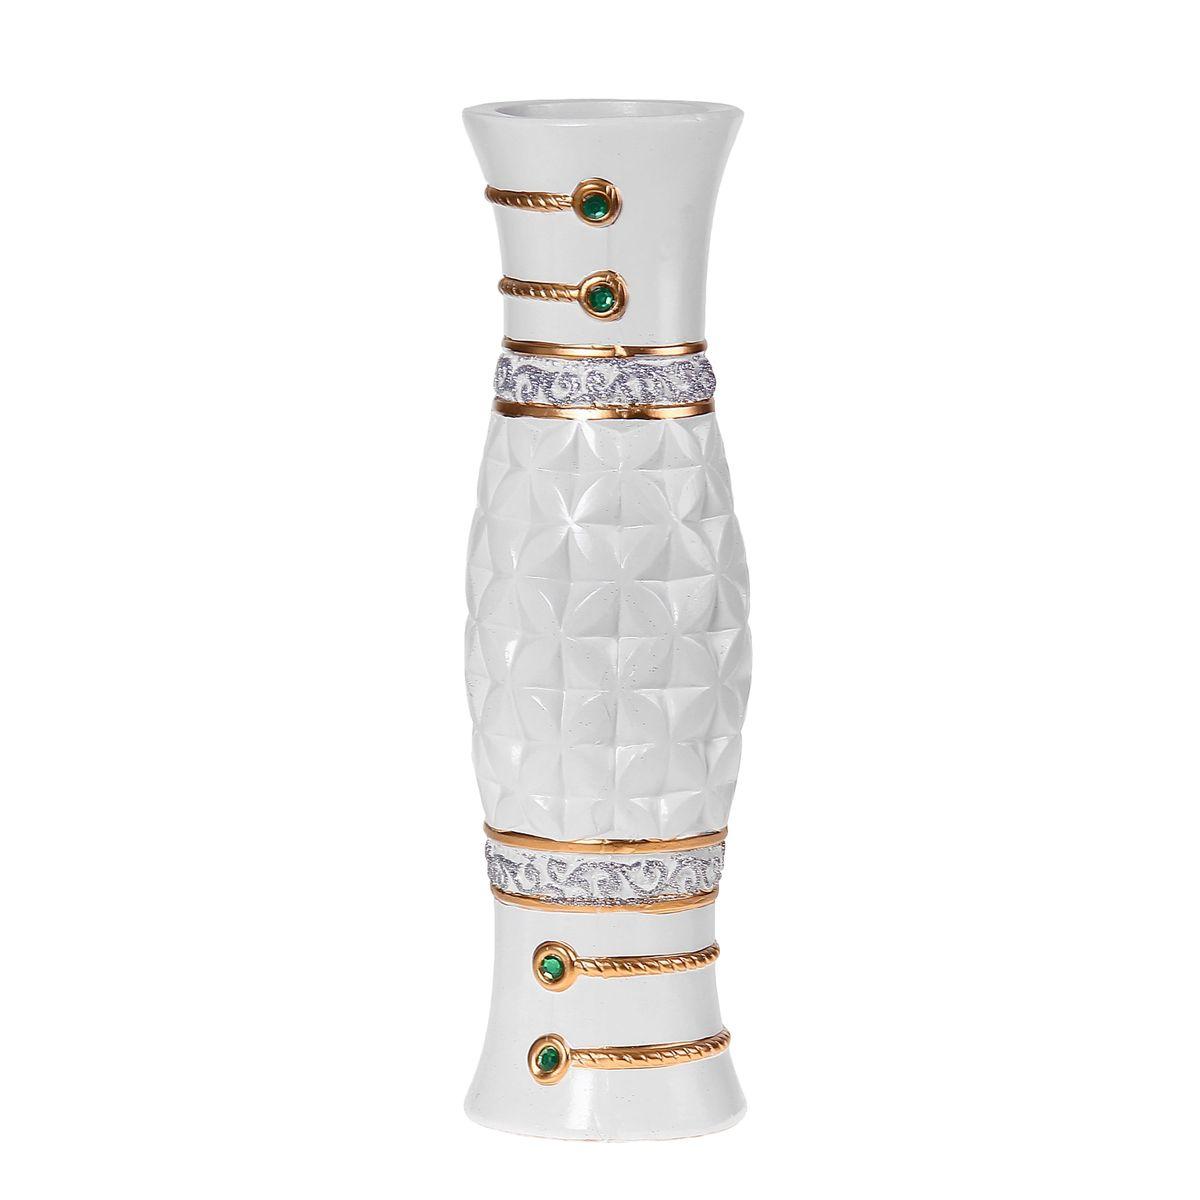 Ваза керамика напольная 60 см цветочный орнамент белая ножка 1044966